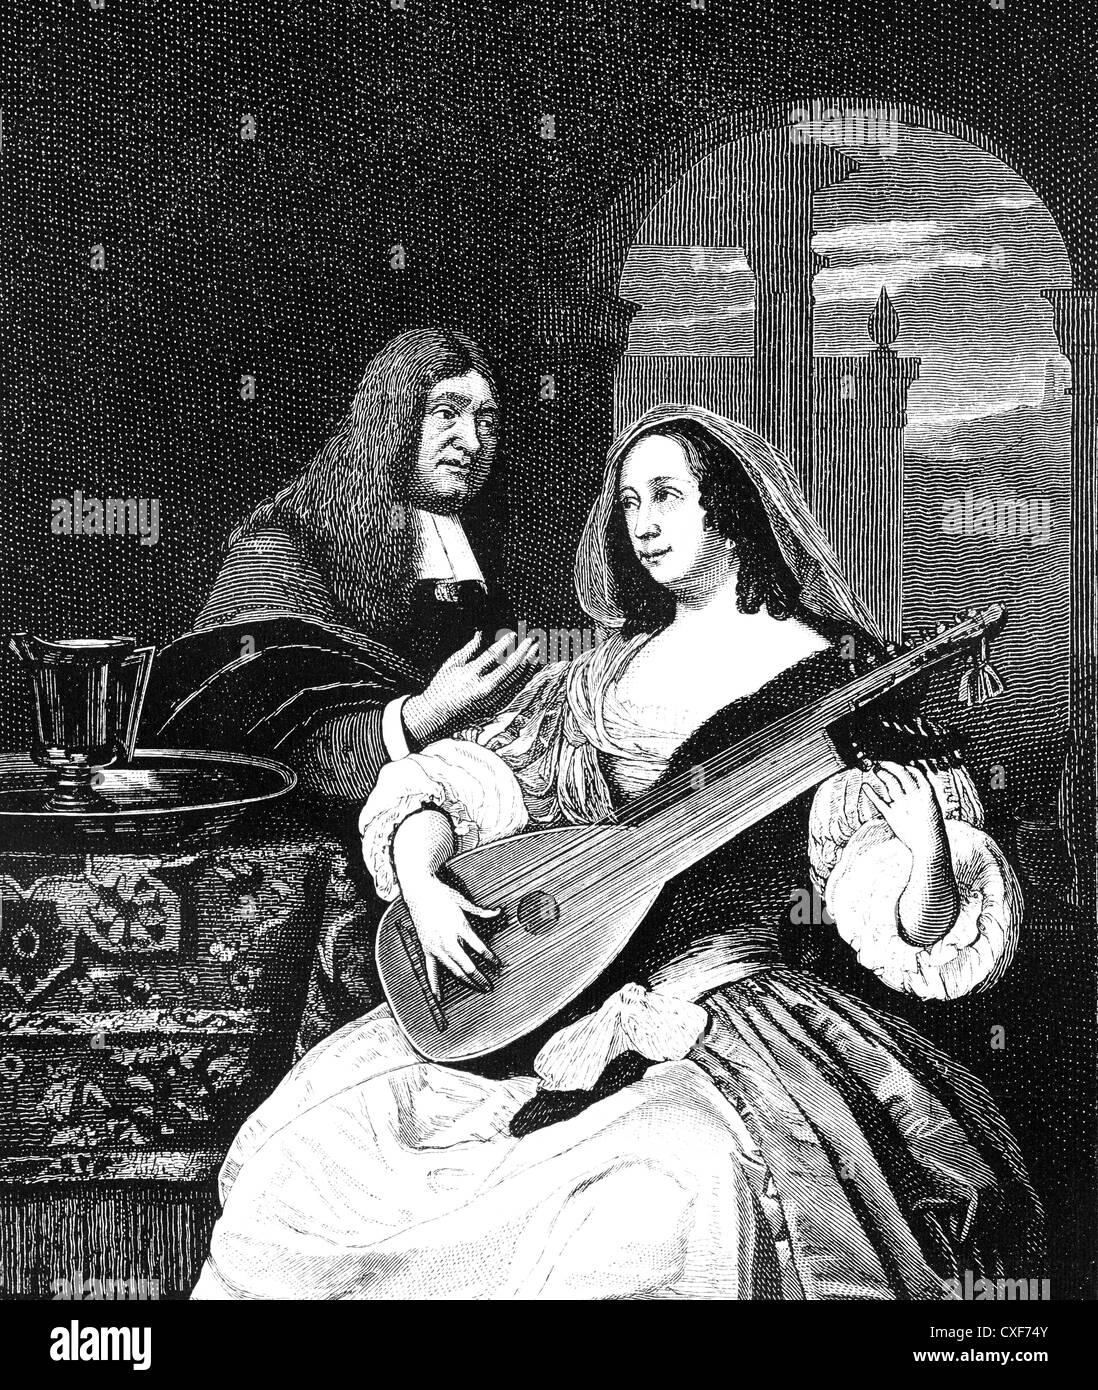 Venezianische Lautenspieler nach Gemälde von Frans van Mieris, 1664, Stockbild